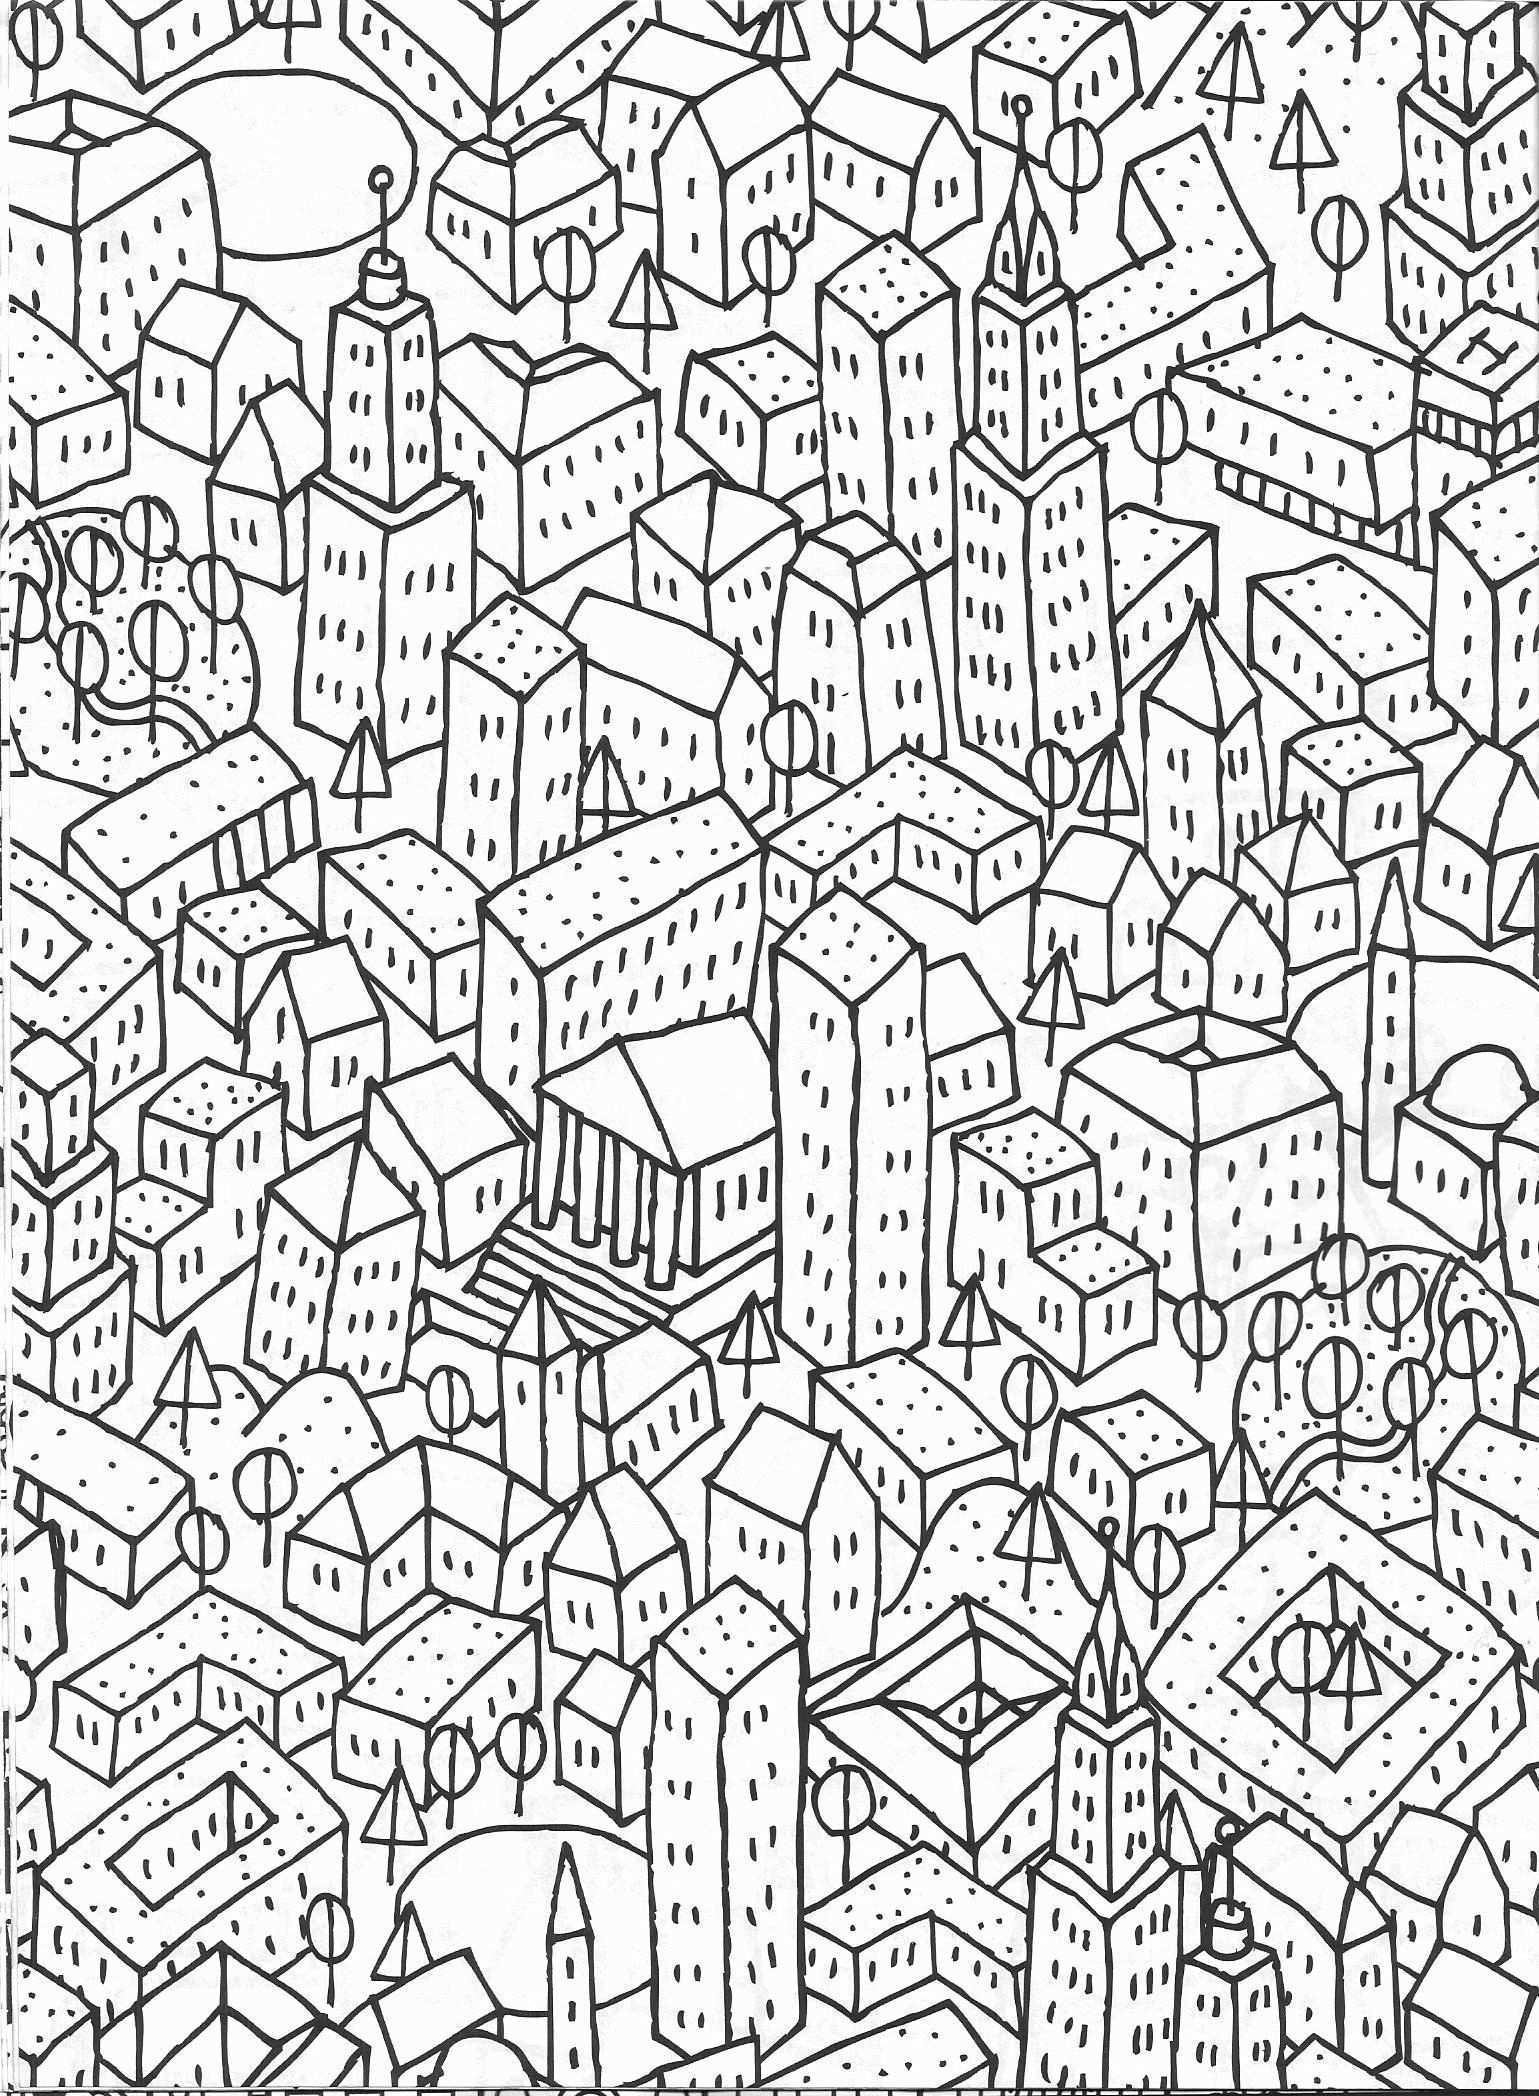 Stadt Skyline Malvorlagen Elegantes Stadtbild Malvorlage Vapha Kaptanband Muster Malerei Mandalas Zum Ausmalen Malvorlagen